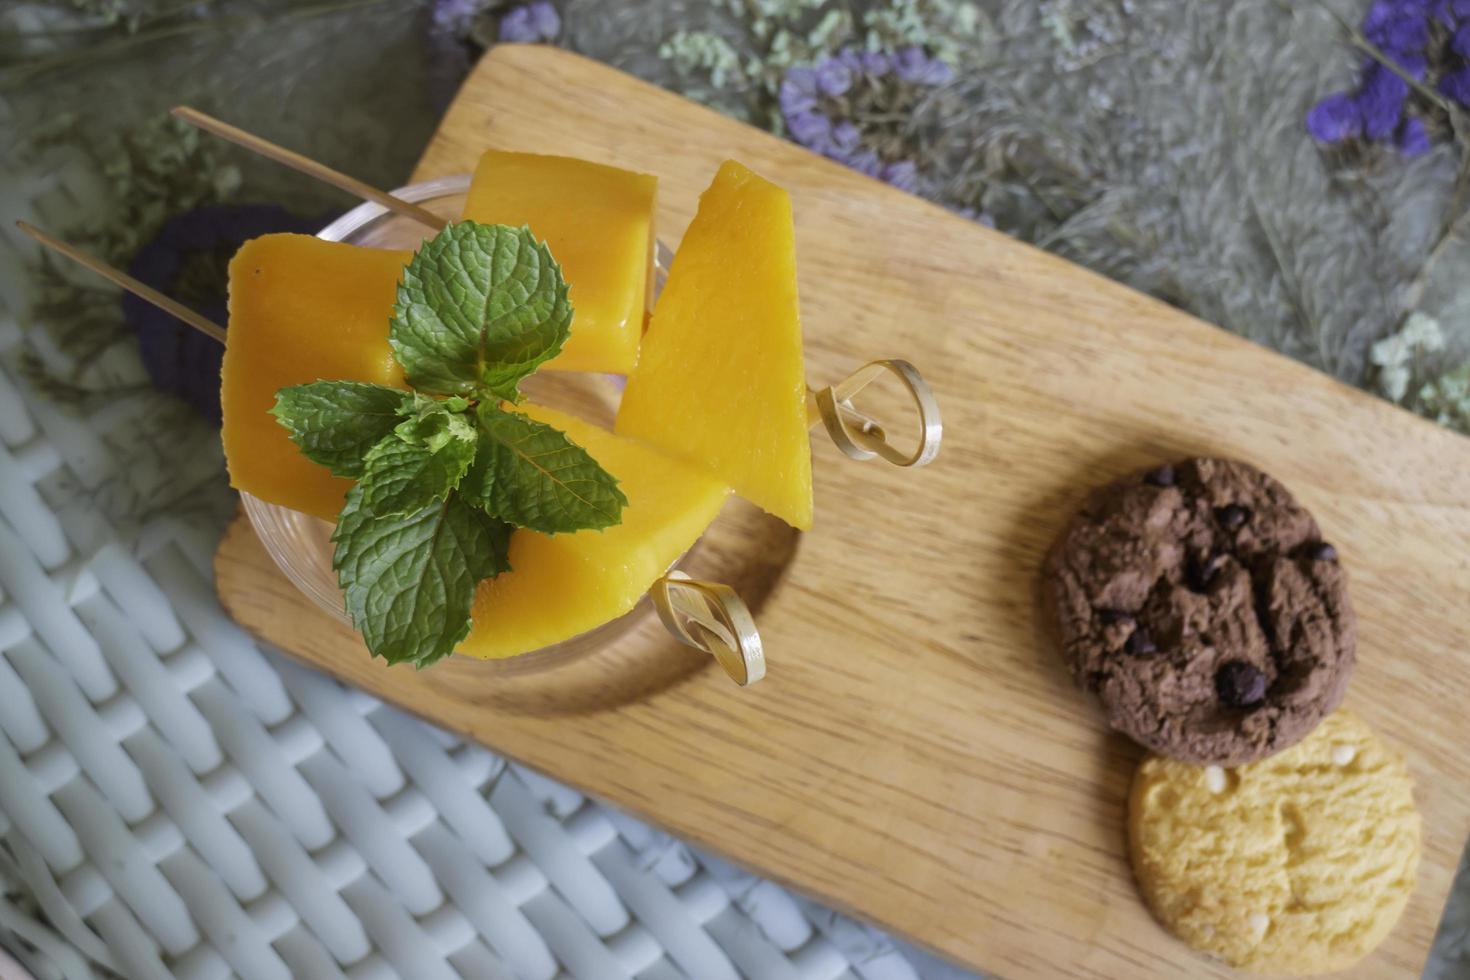 tas de fruits de mangue jaune photo